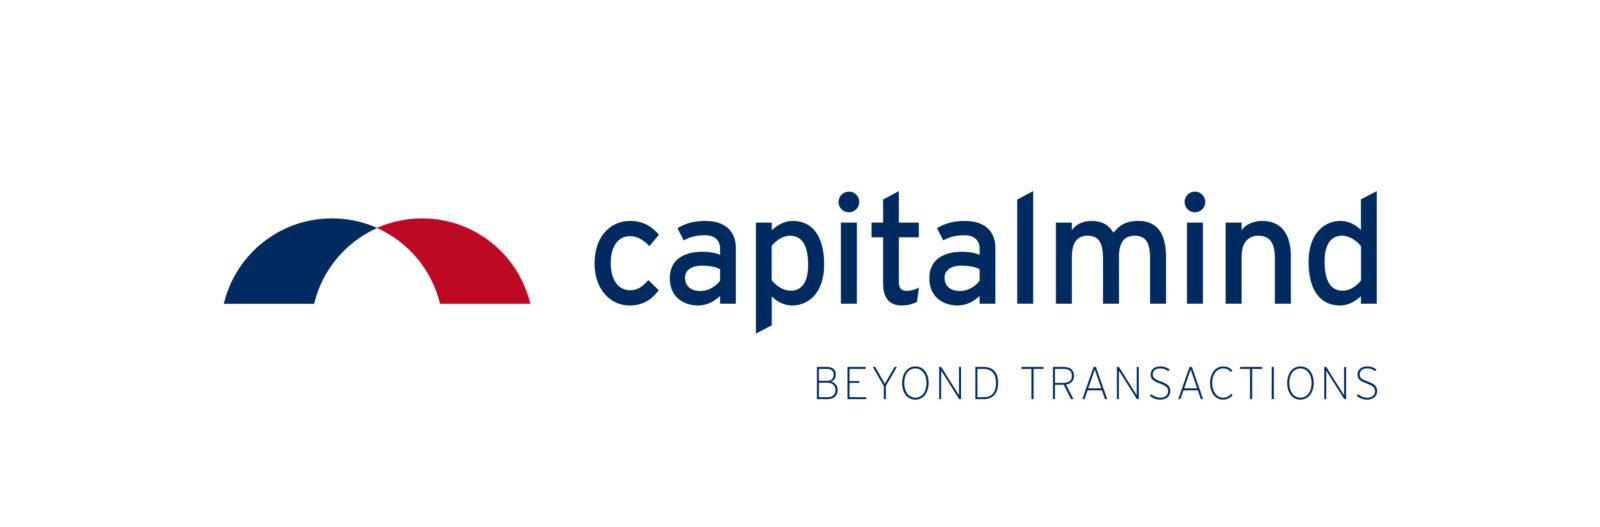 Capitalmind Corporate Finance